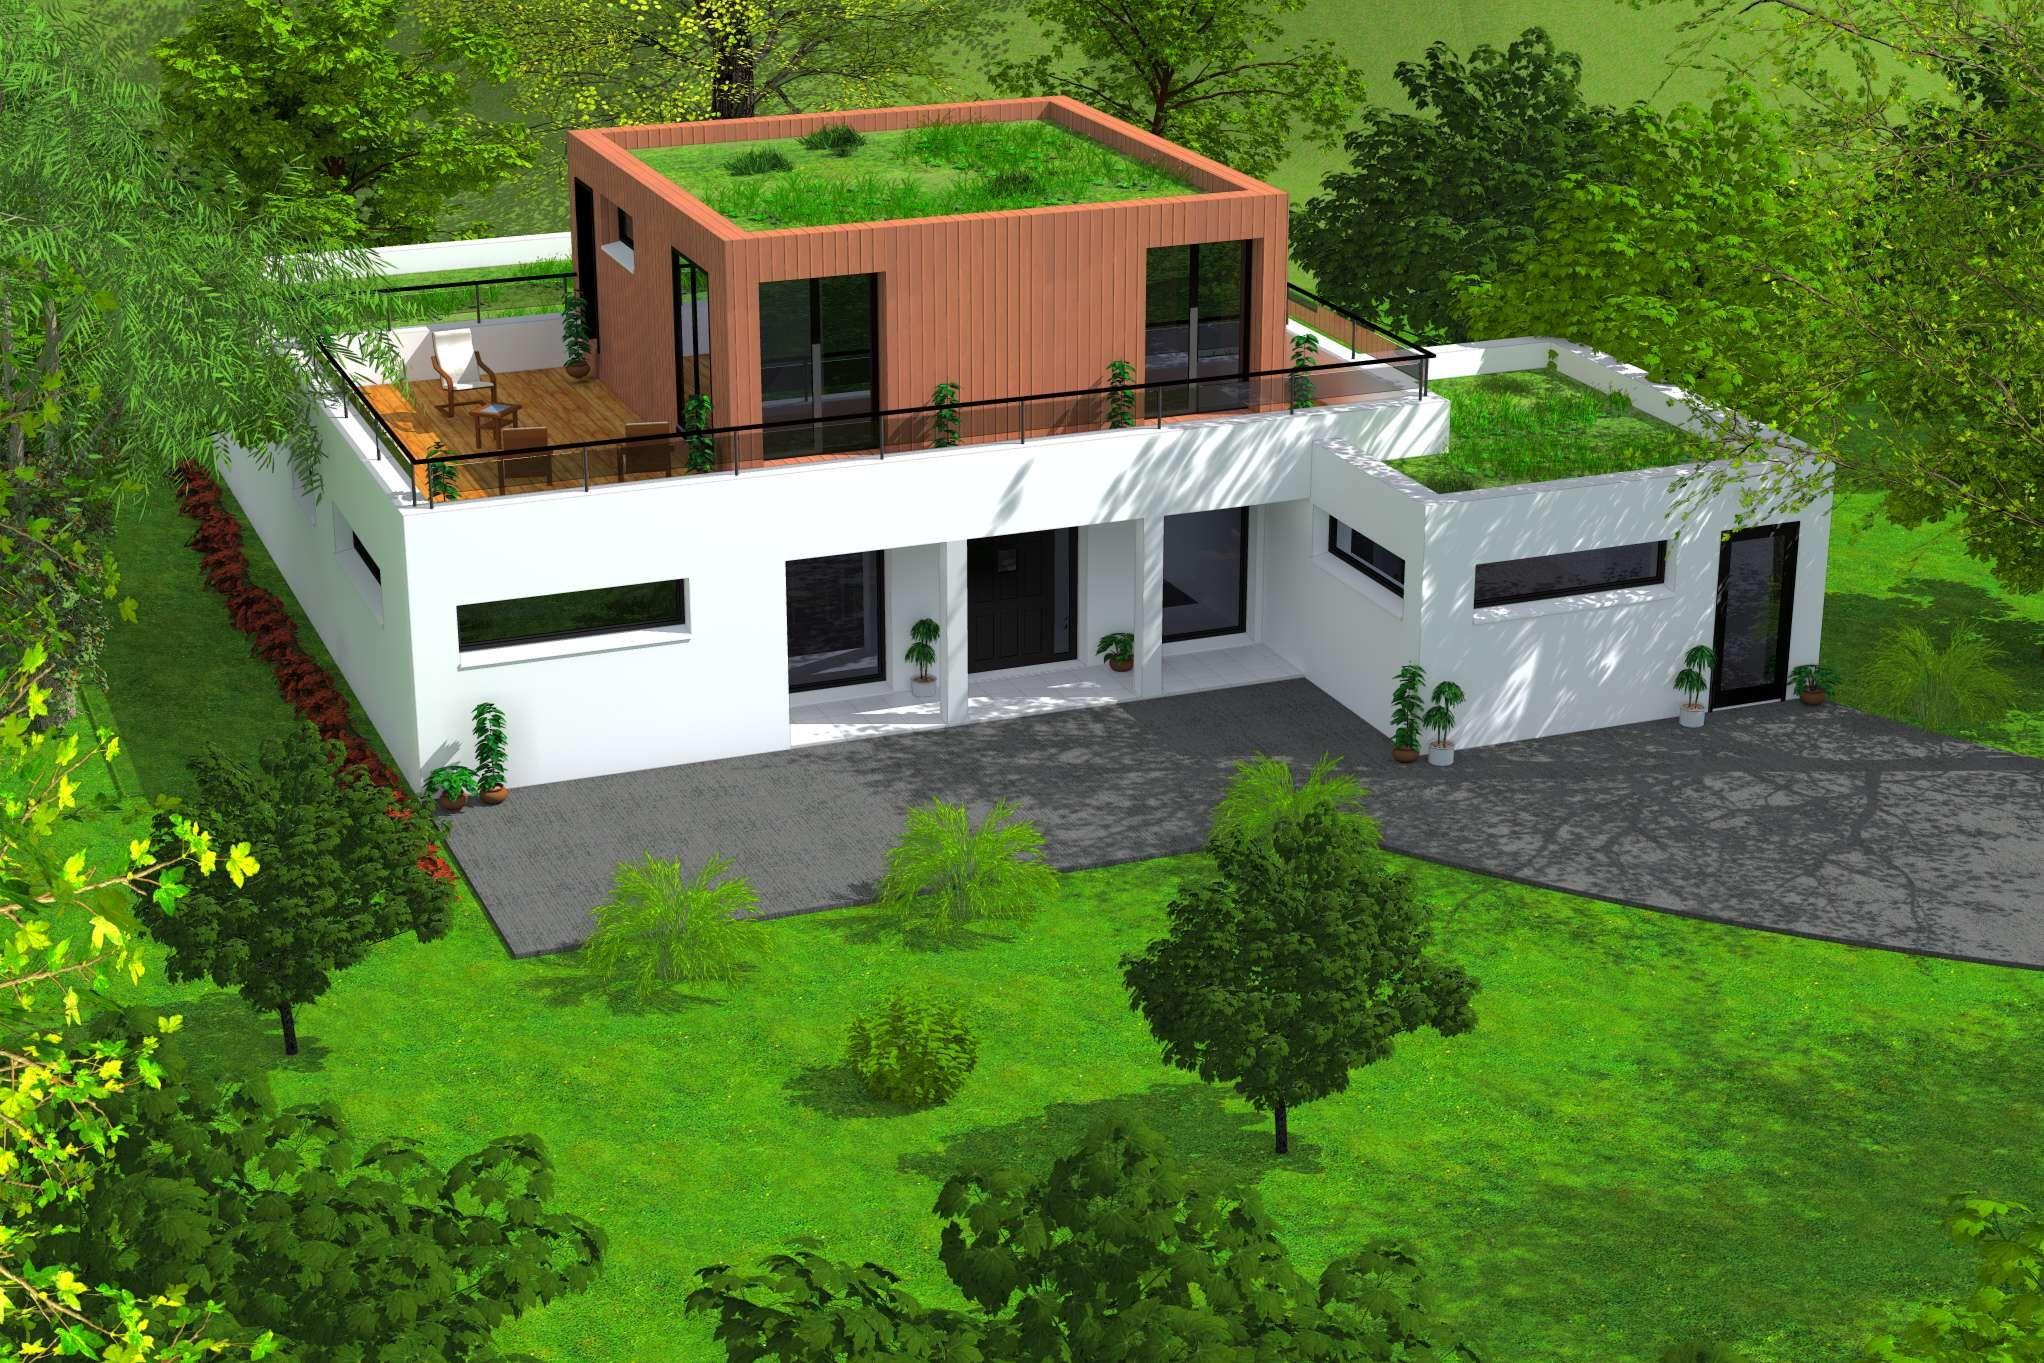 Maison D Architecture Contemporaines Maison Atypiques Constructeur Architectes Et Permis De Construire